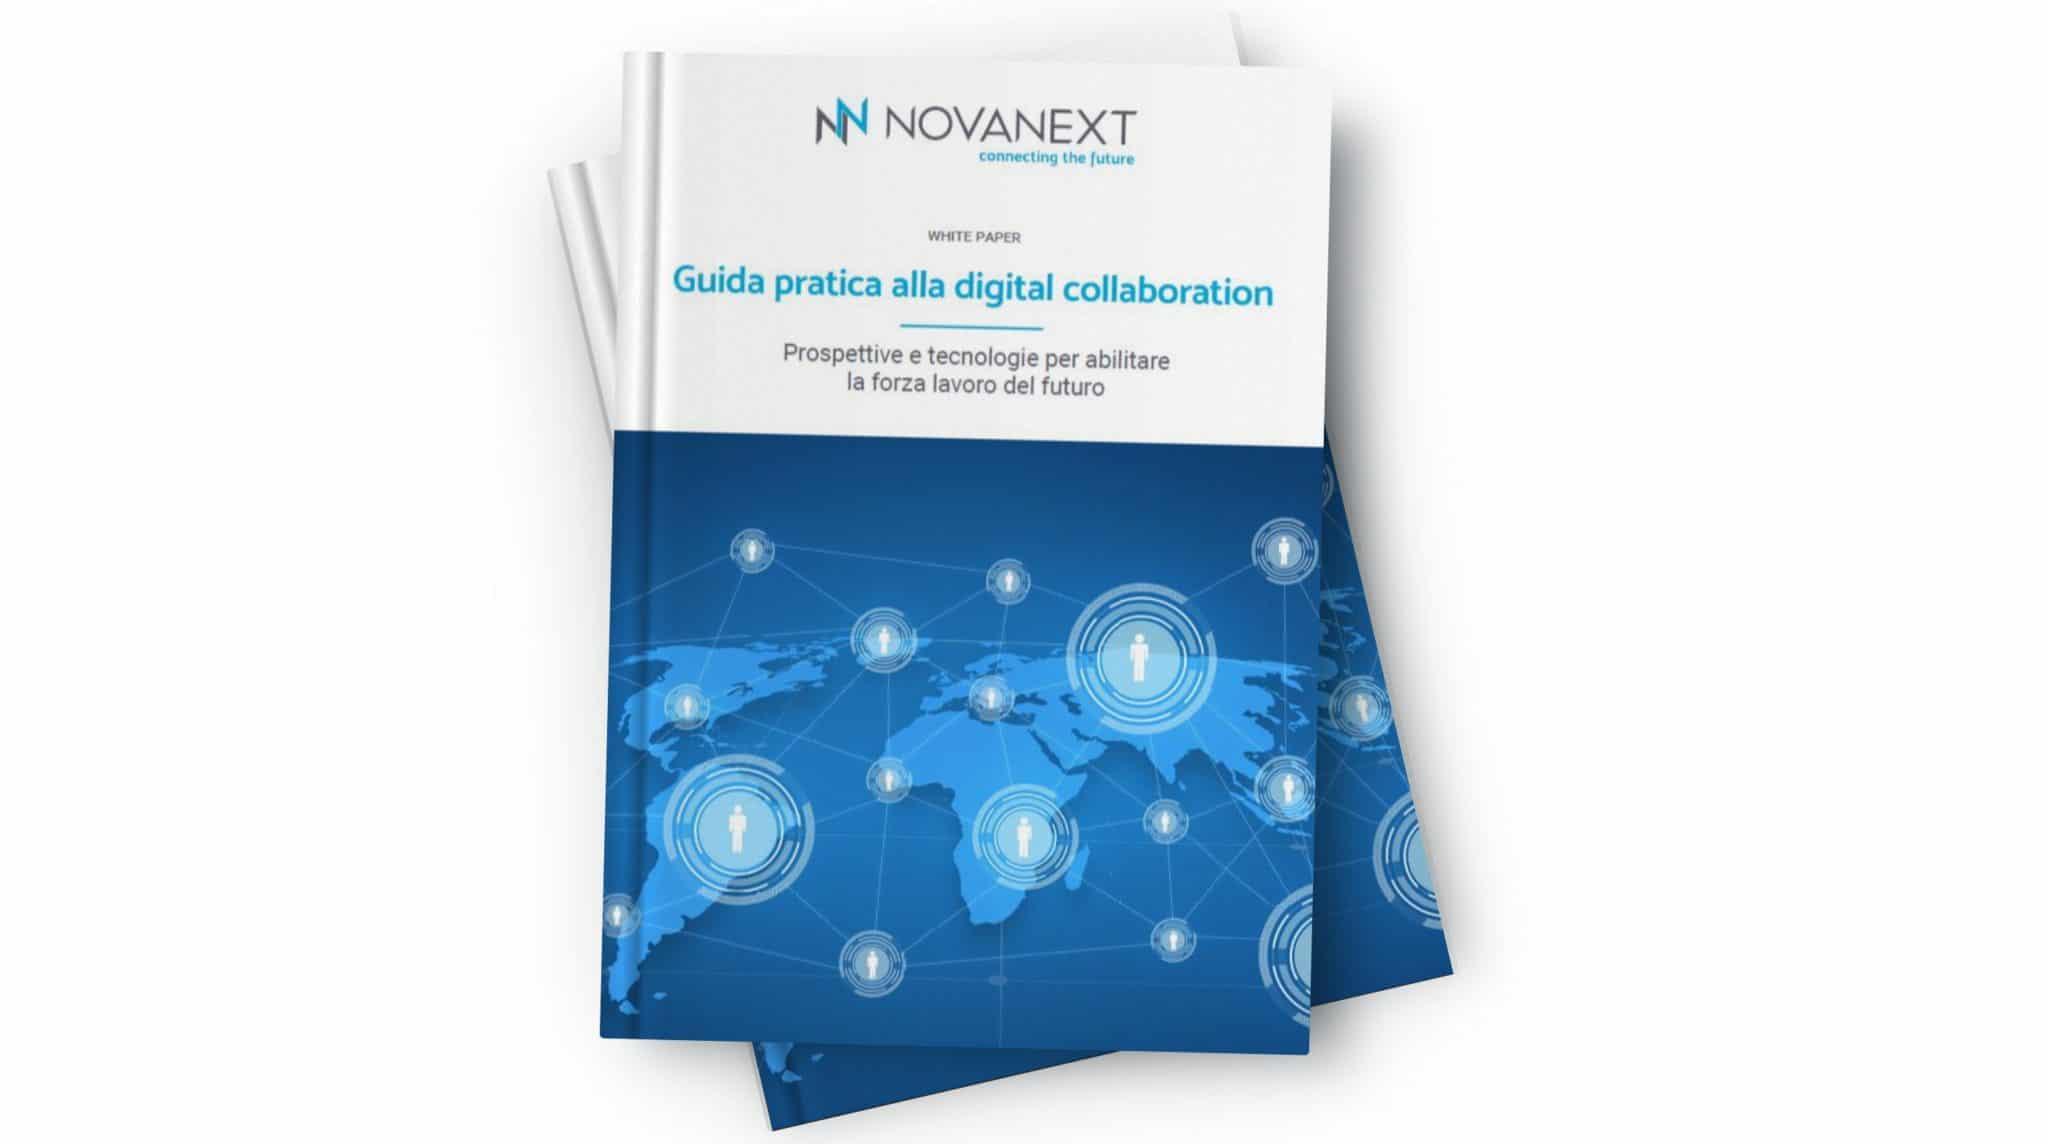 Guida pratica alla digital collaboration